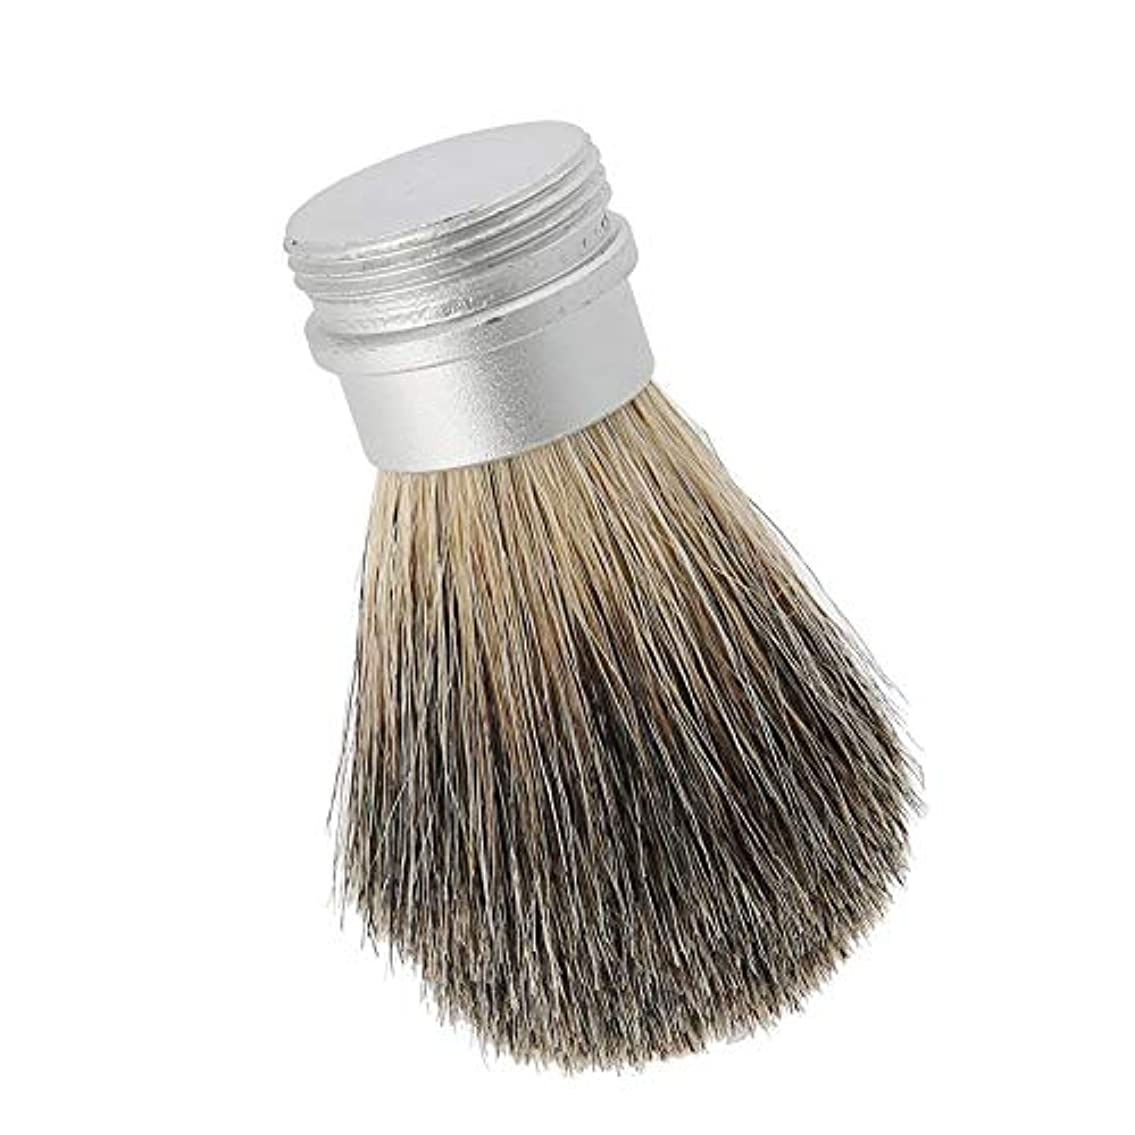 変形する主流収束するひげブラシひげ剃りツールポータブルひげブラシ男性のための最高のヘアブラシ口ひげブラシ